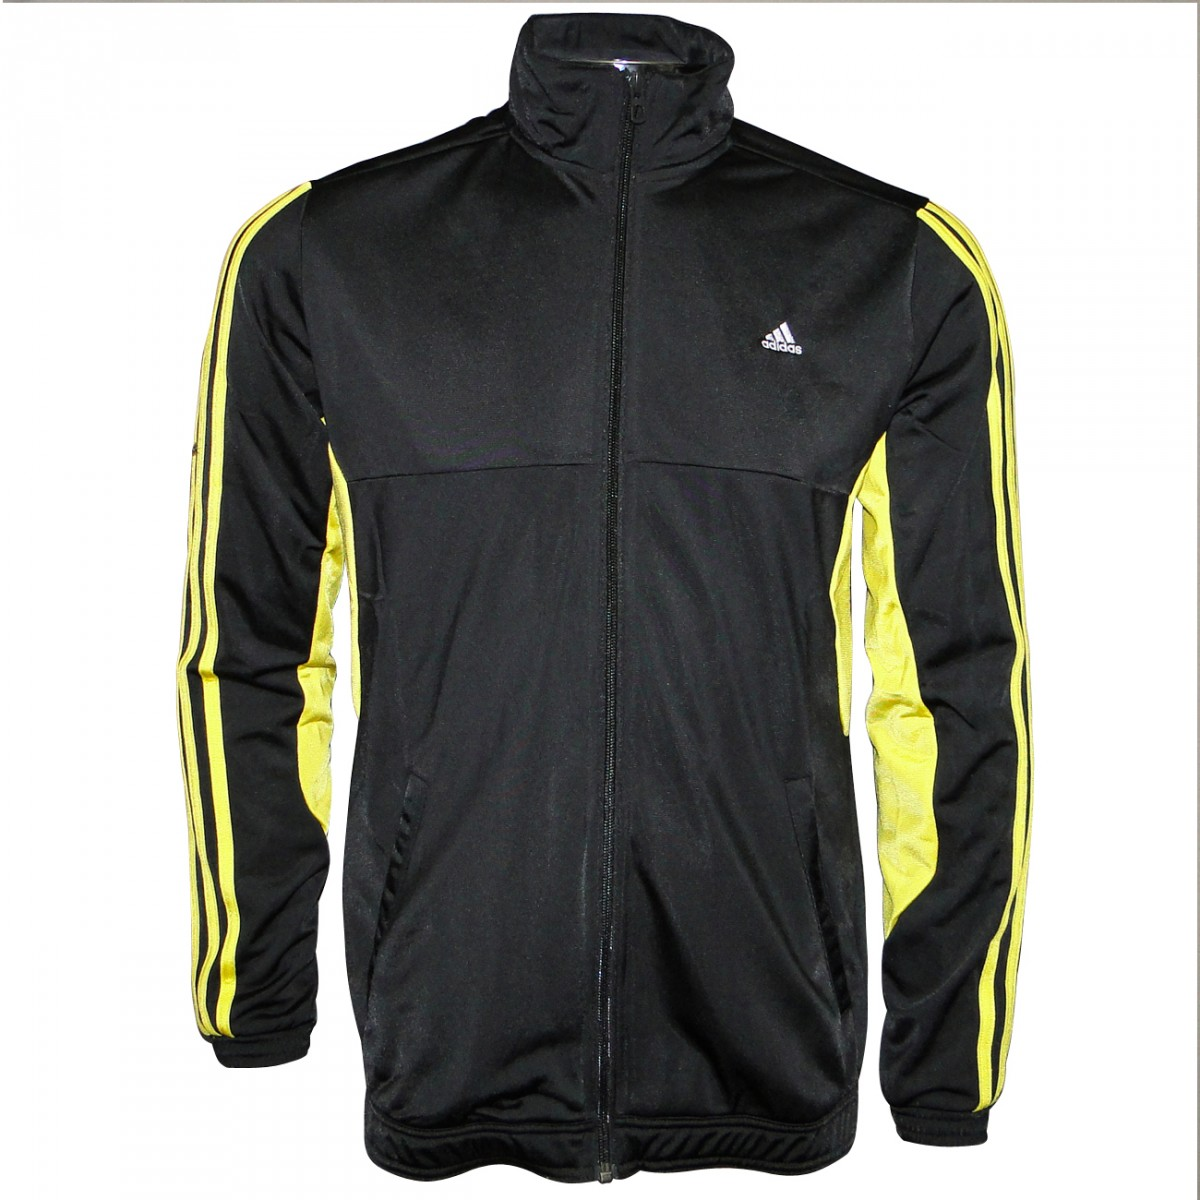 bdb986030 Agasalho Adidas Yb Ts Tiberio Infantil Z32825 - Preto/Amarelo ...